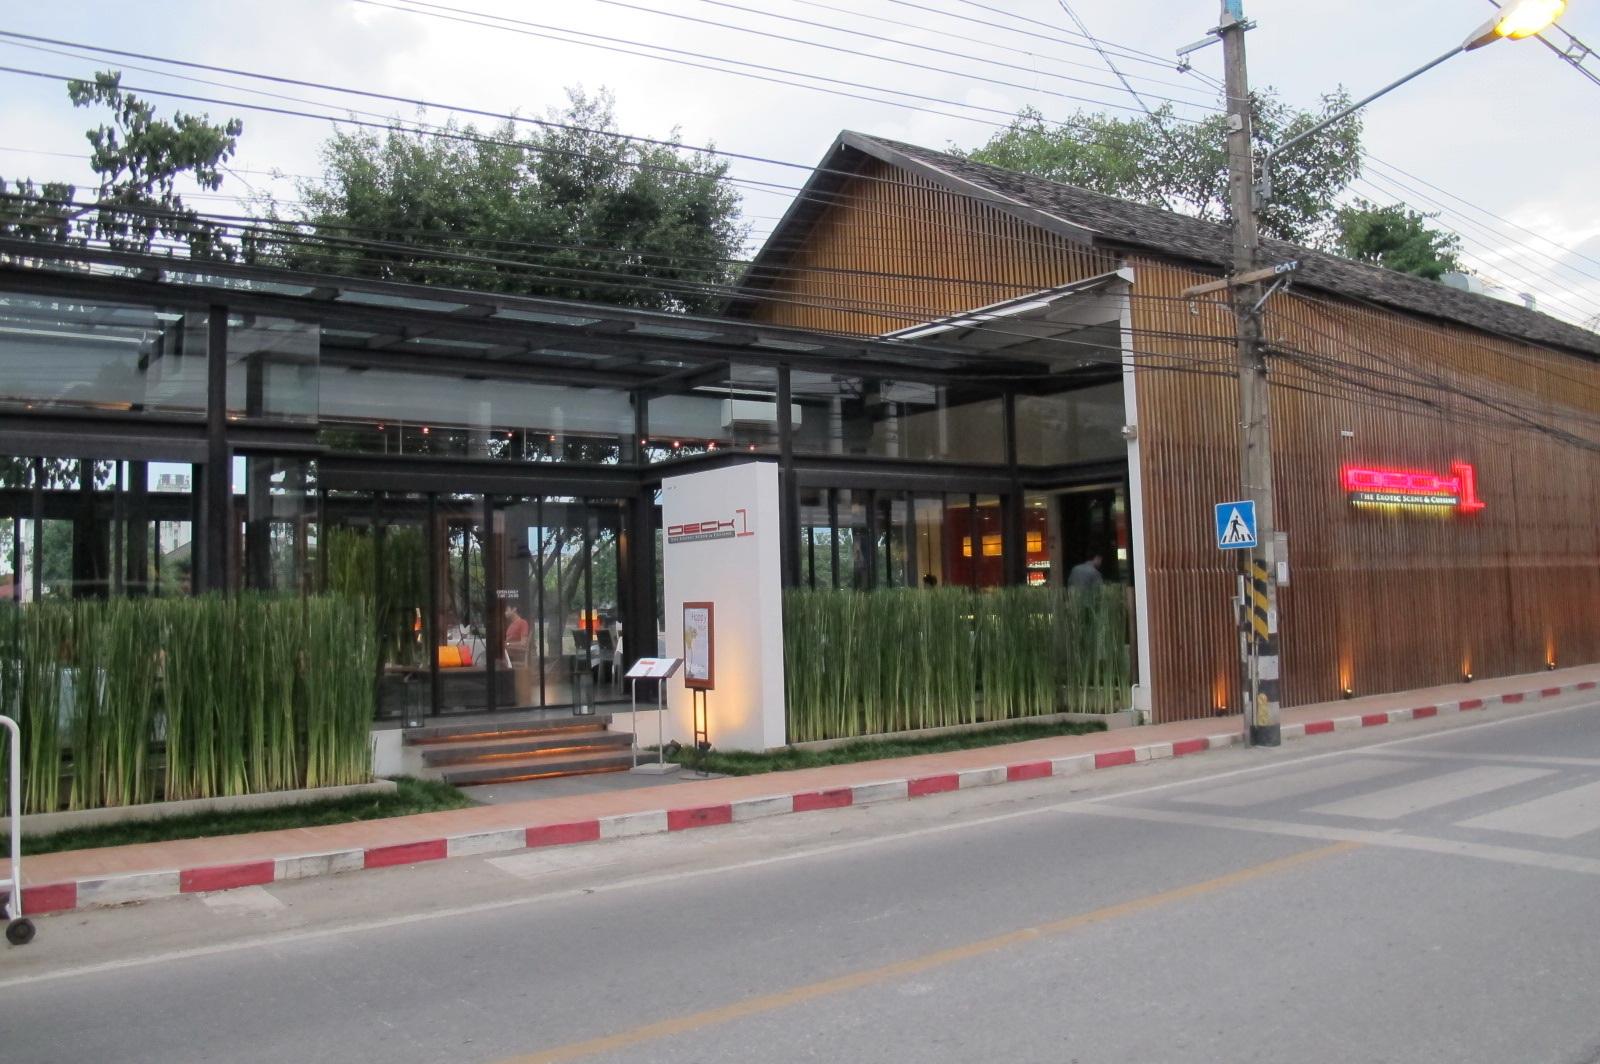 清迈河畔玻璃屋餐厅